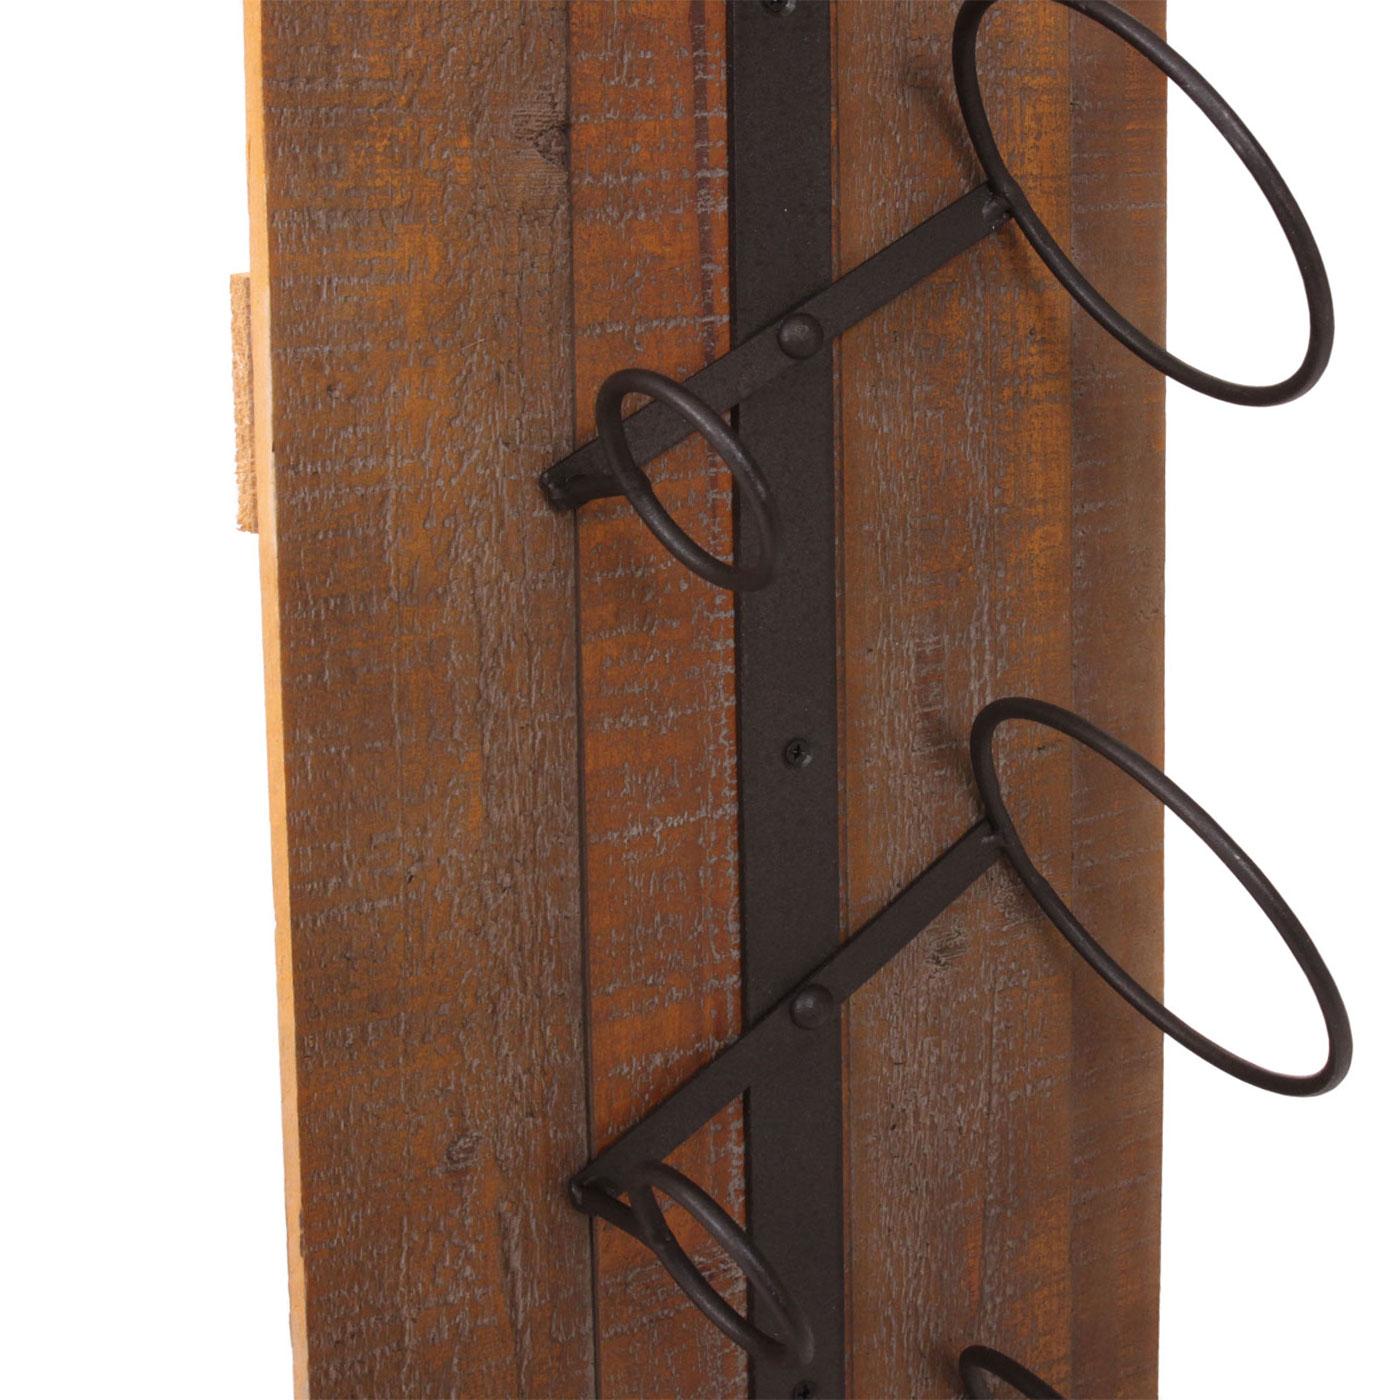 weinregal hwc b99 wandregal flaschenhalter holz metall f r 5 flaschen 96x23x14cm. Black Bedroom Furniture Sets. Home Design Ideas